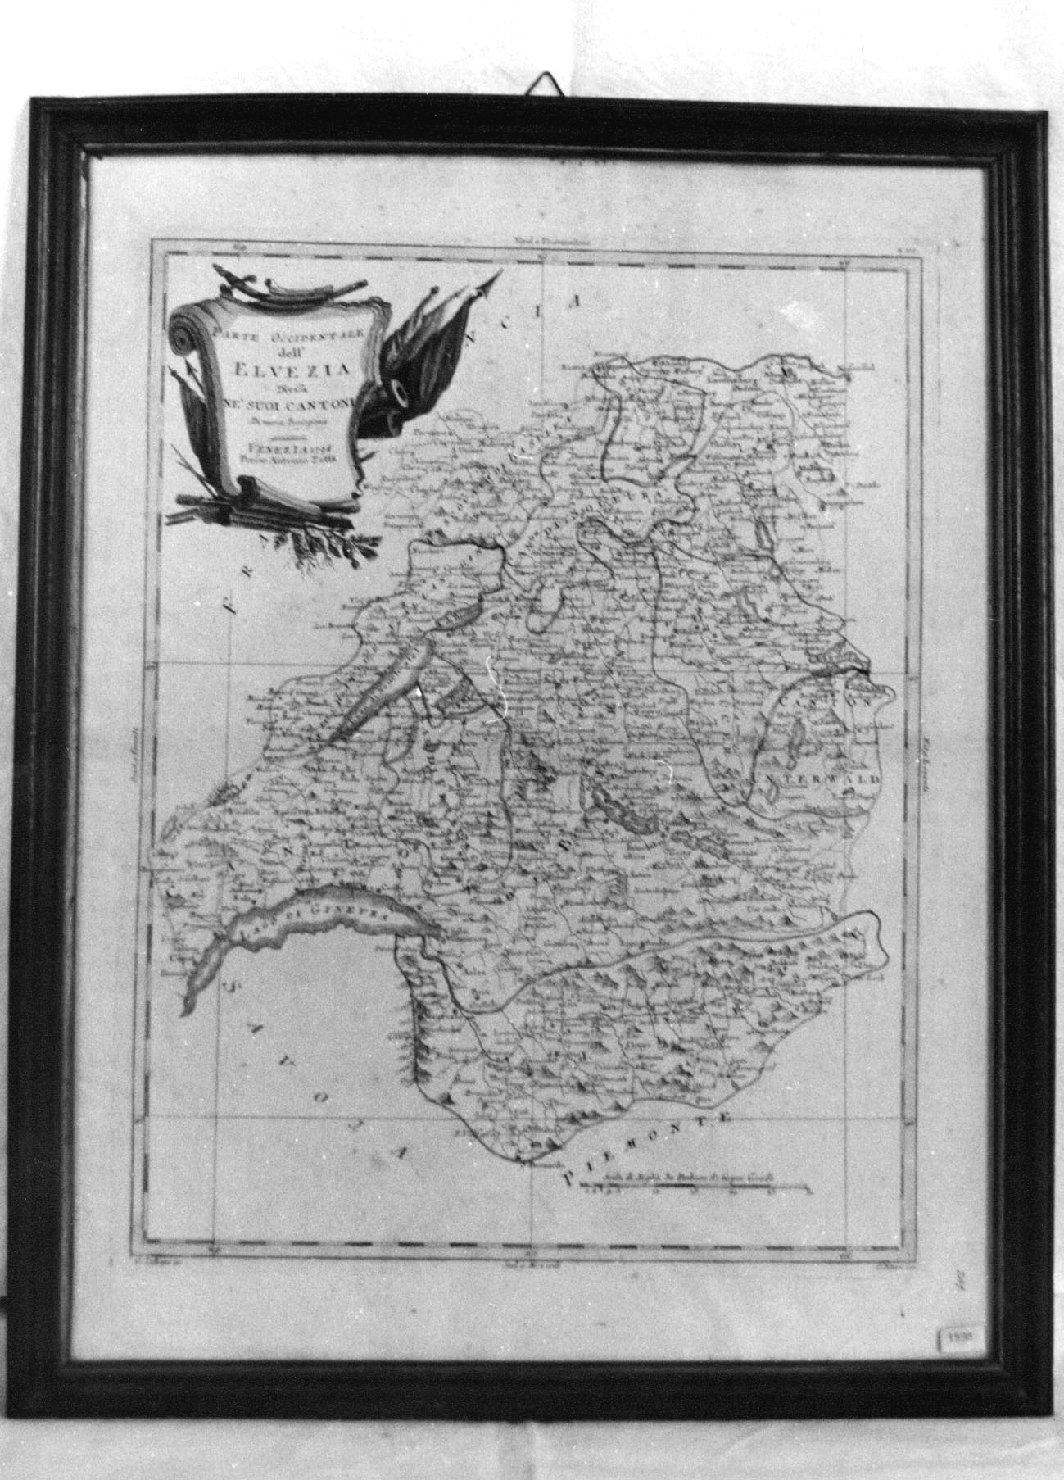 Parte occidentale dell'Elvezia divisa nei suoi cantoni. Di nuova projezion e, geografia (stampa) di Zuliani Giuliano, Pitteri G (sec. XVIII)